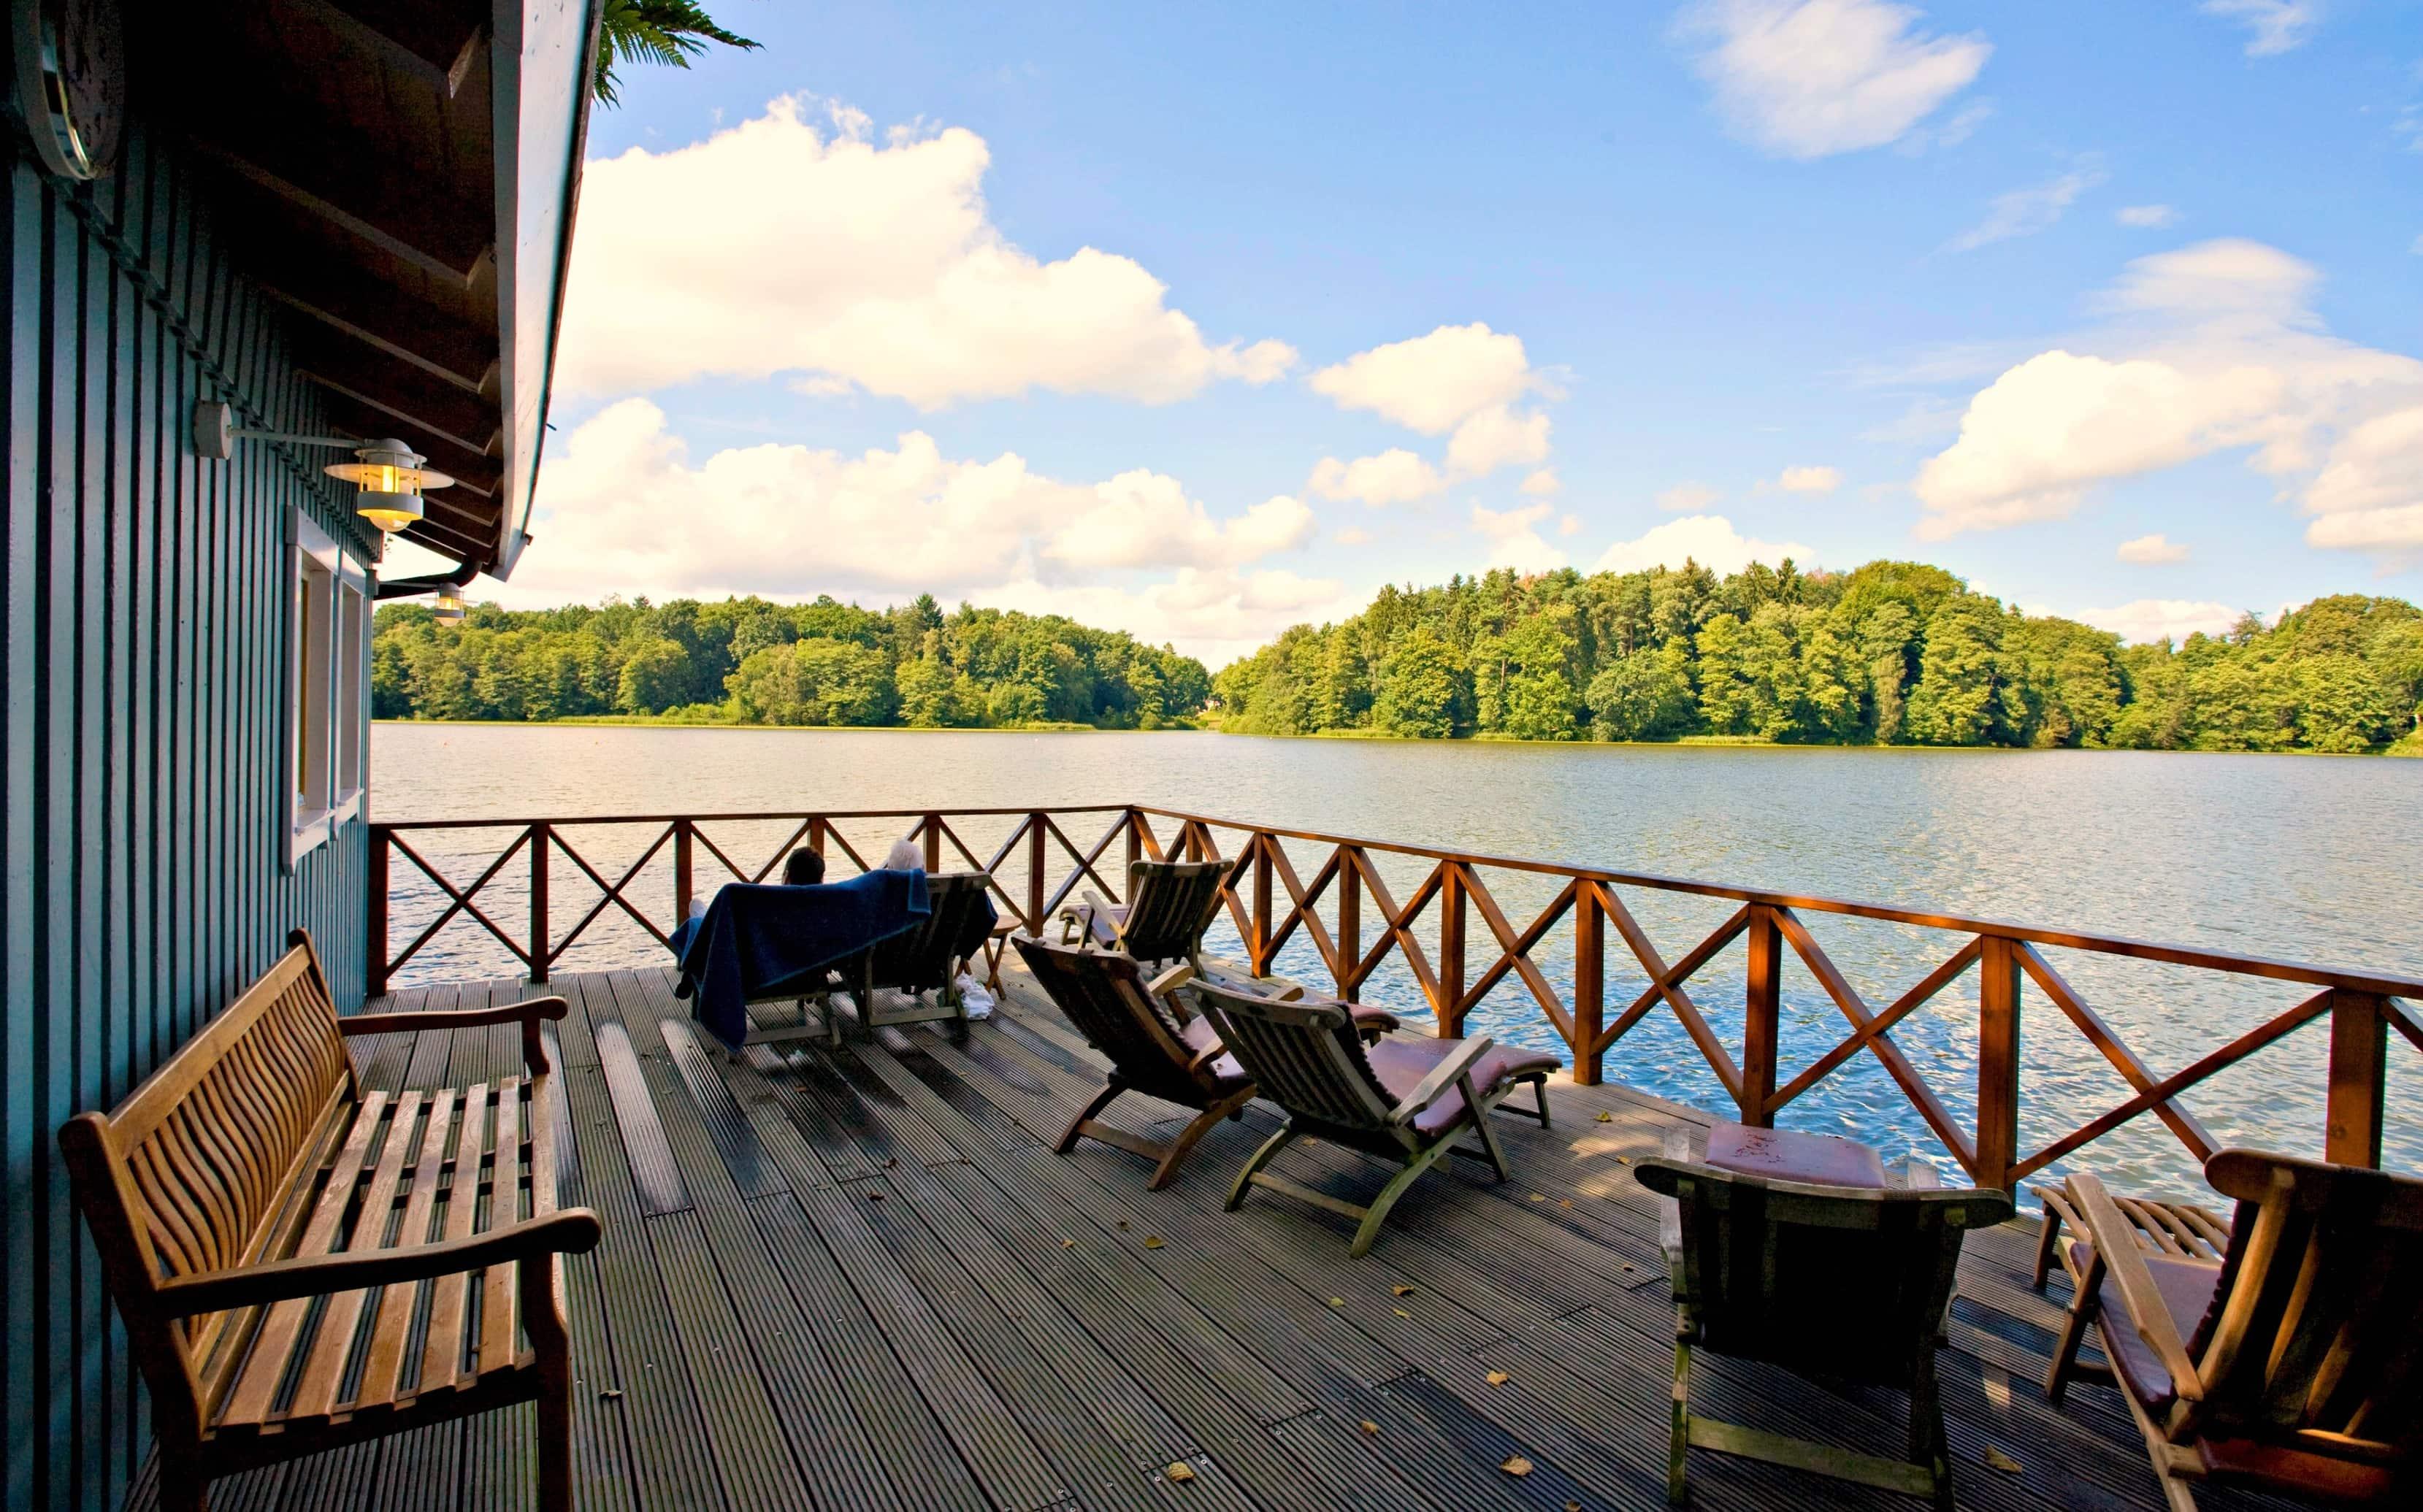 Beim Blick aus der Seesauna im MidSommerland in Hamburg-Harburg kann man herrlich entspannen.